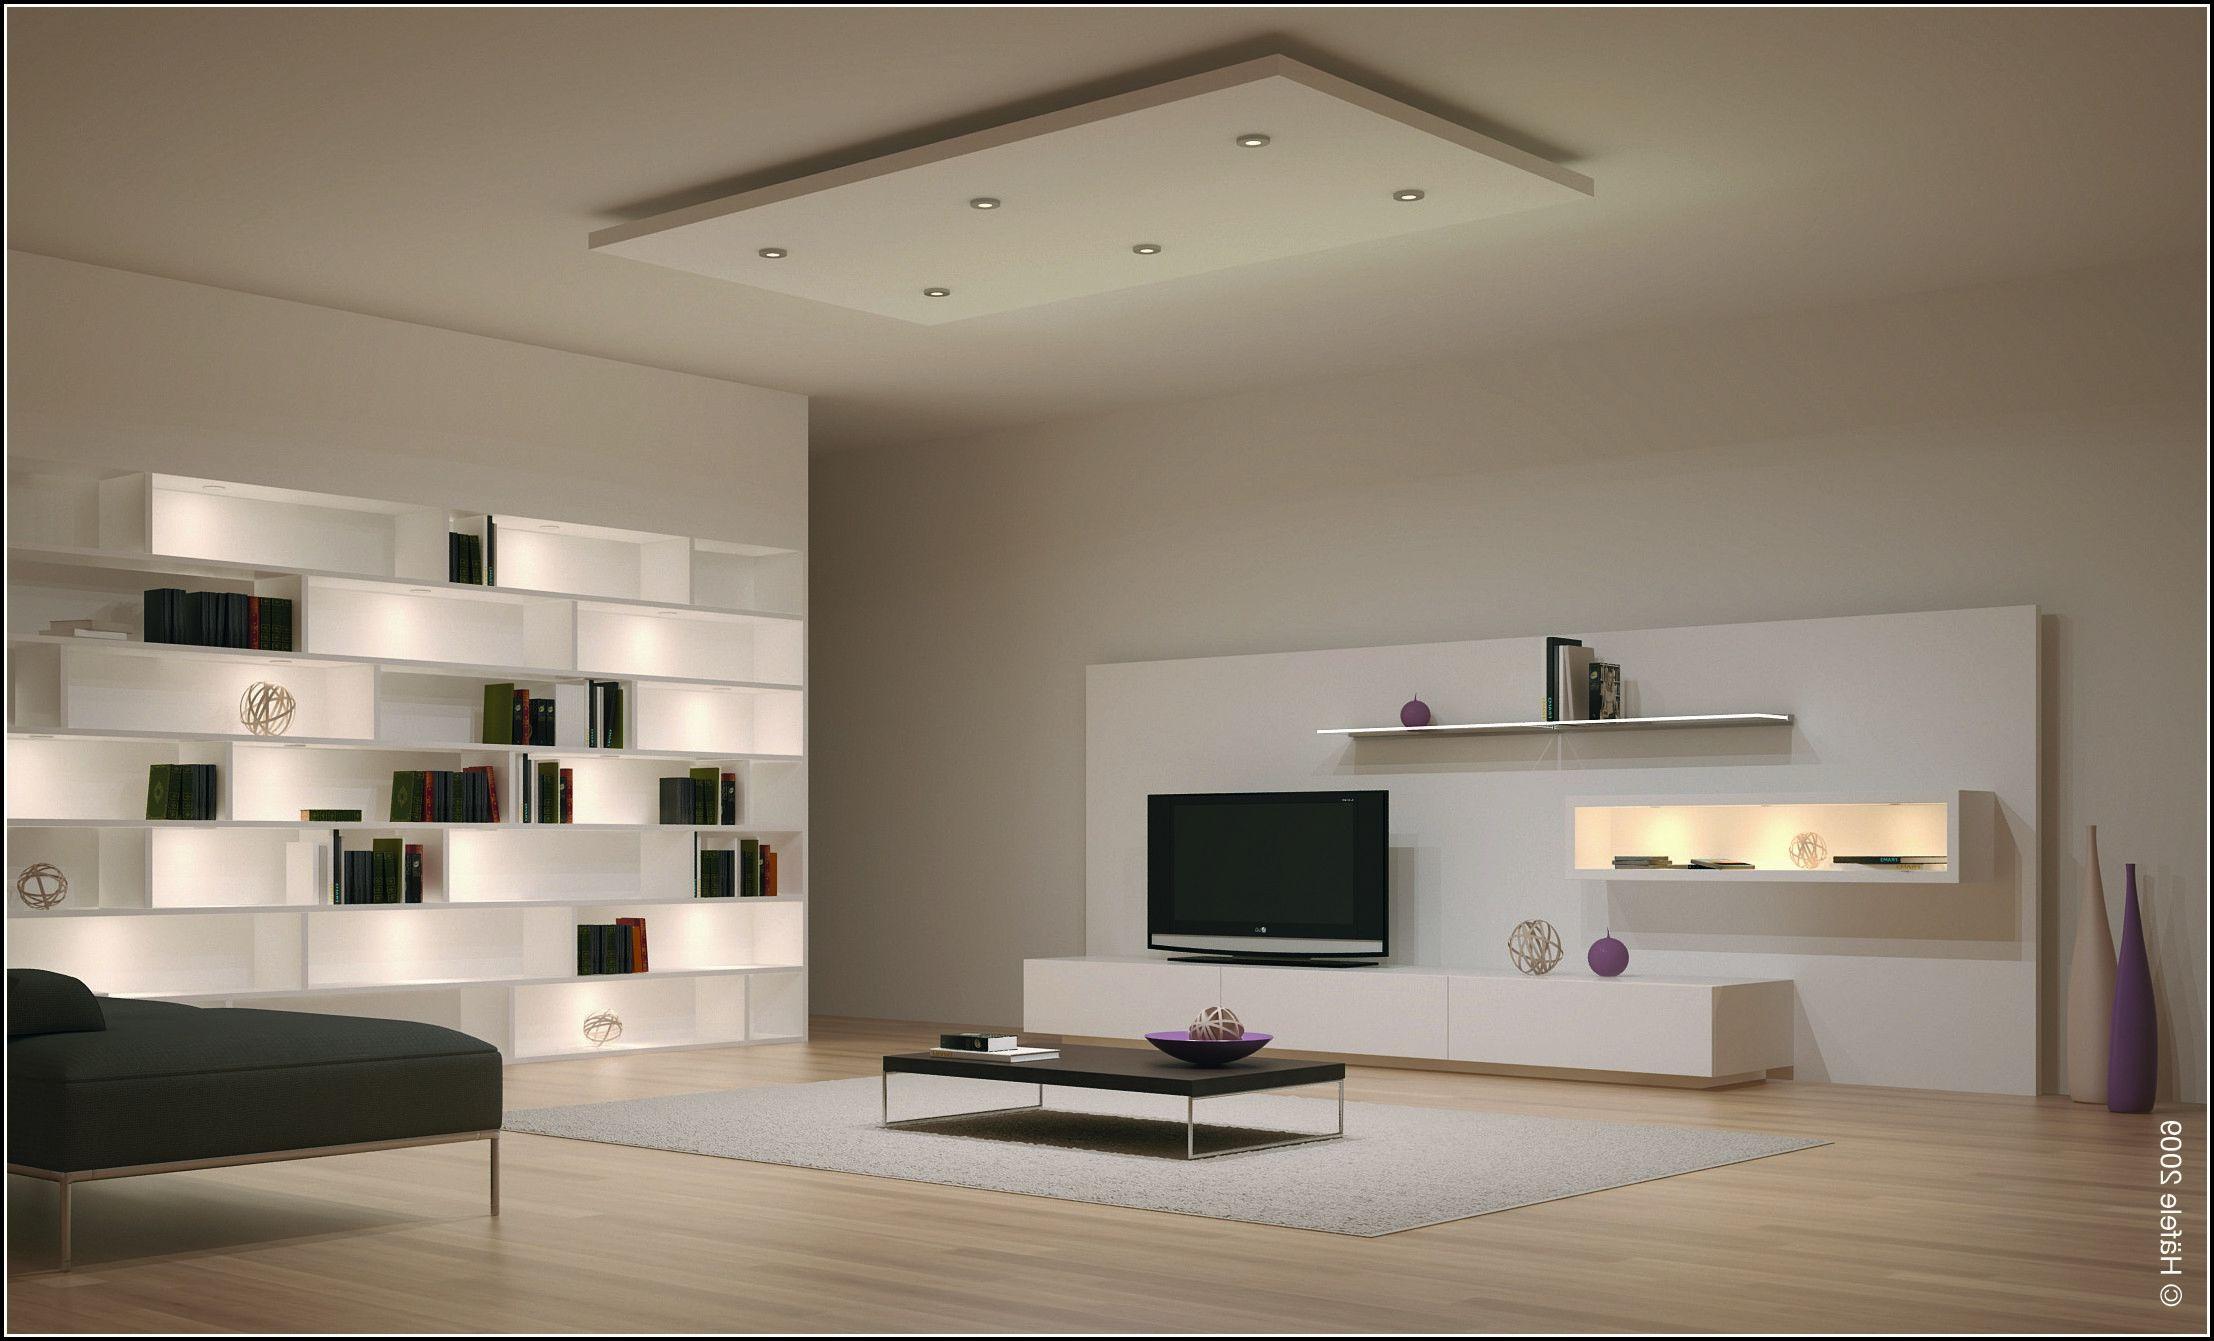 Full Size of Wohnzimmerlampen Ikea Lampen Wohnzimmer Led Download Page Beste Küche Kaufen Modulküche Betten 160x200 Bei Kosten Sofa Mit Schlaffunktion Miniküche Wohnzimmer Wohnzimmerlampen Ikea